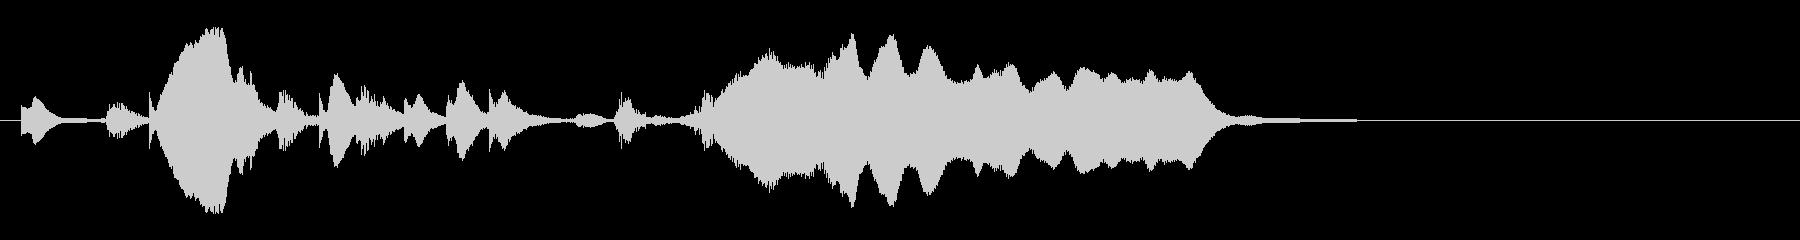 のほほんジングル022_ほのぼの-3の未再生の波形